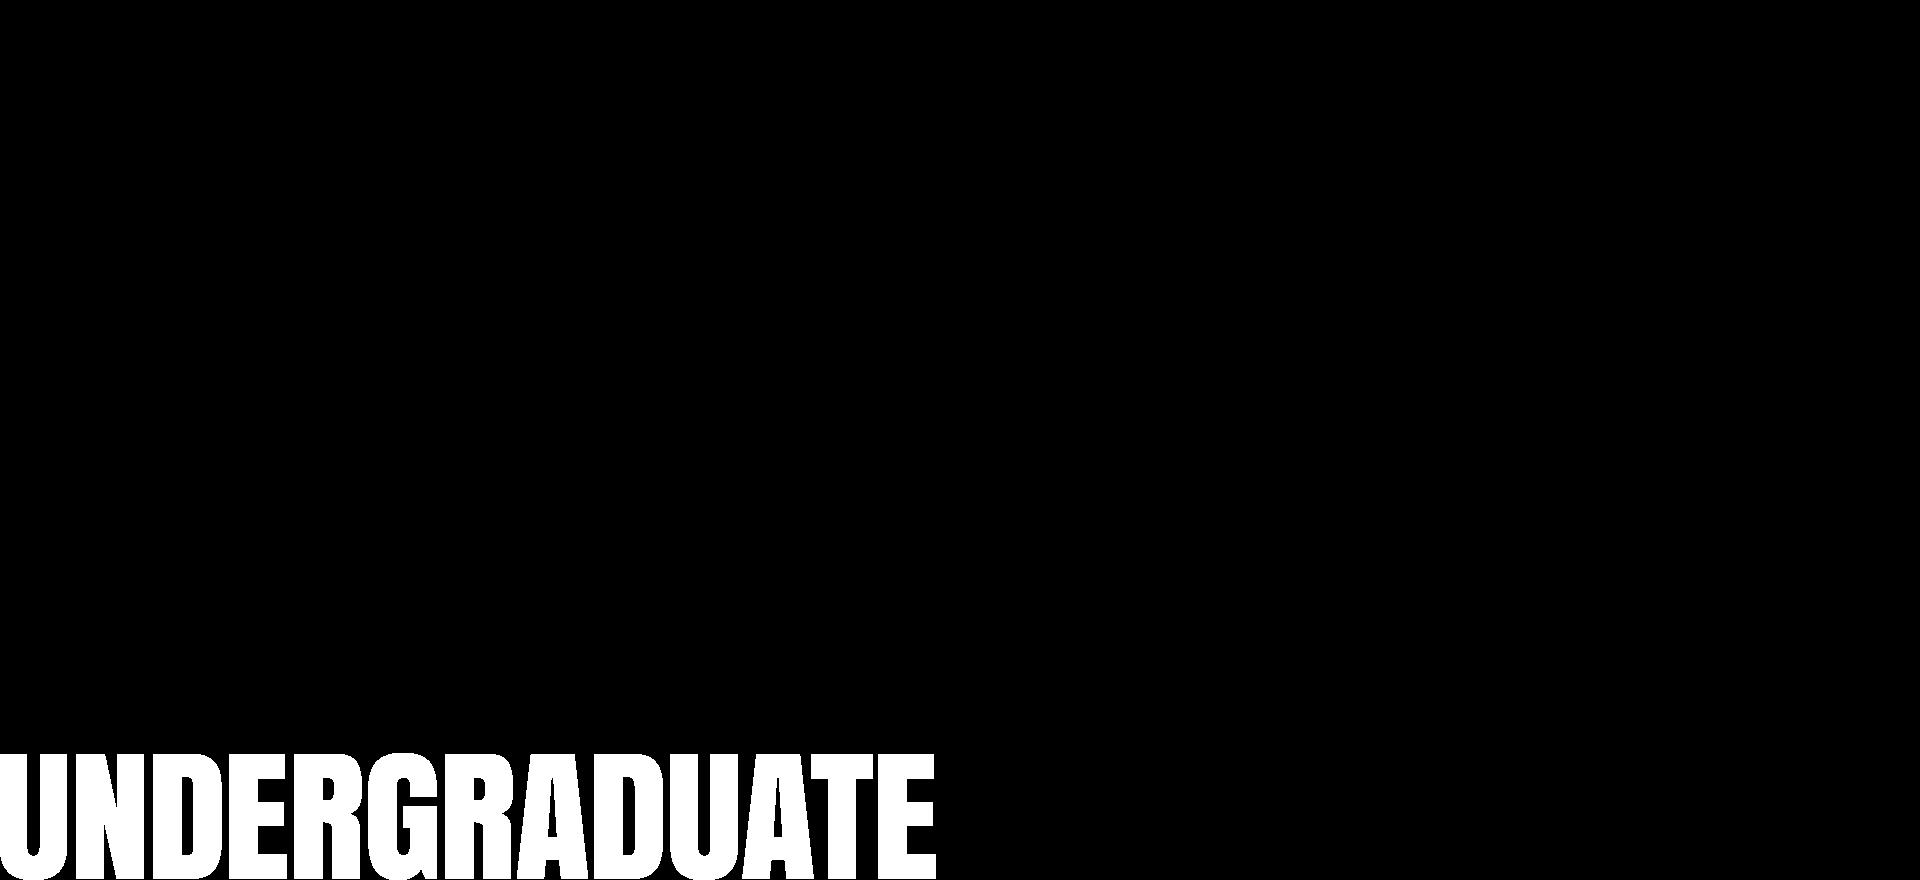 undergraduate-title